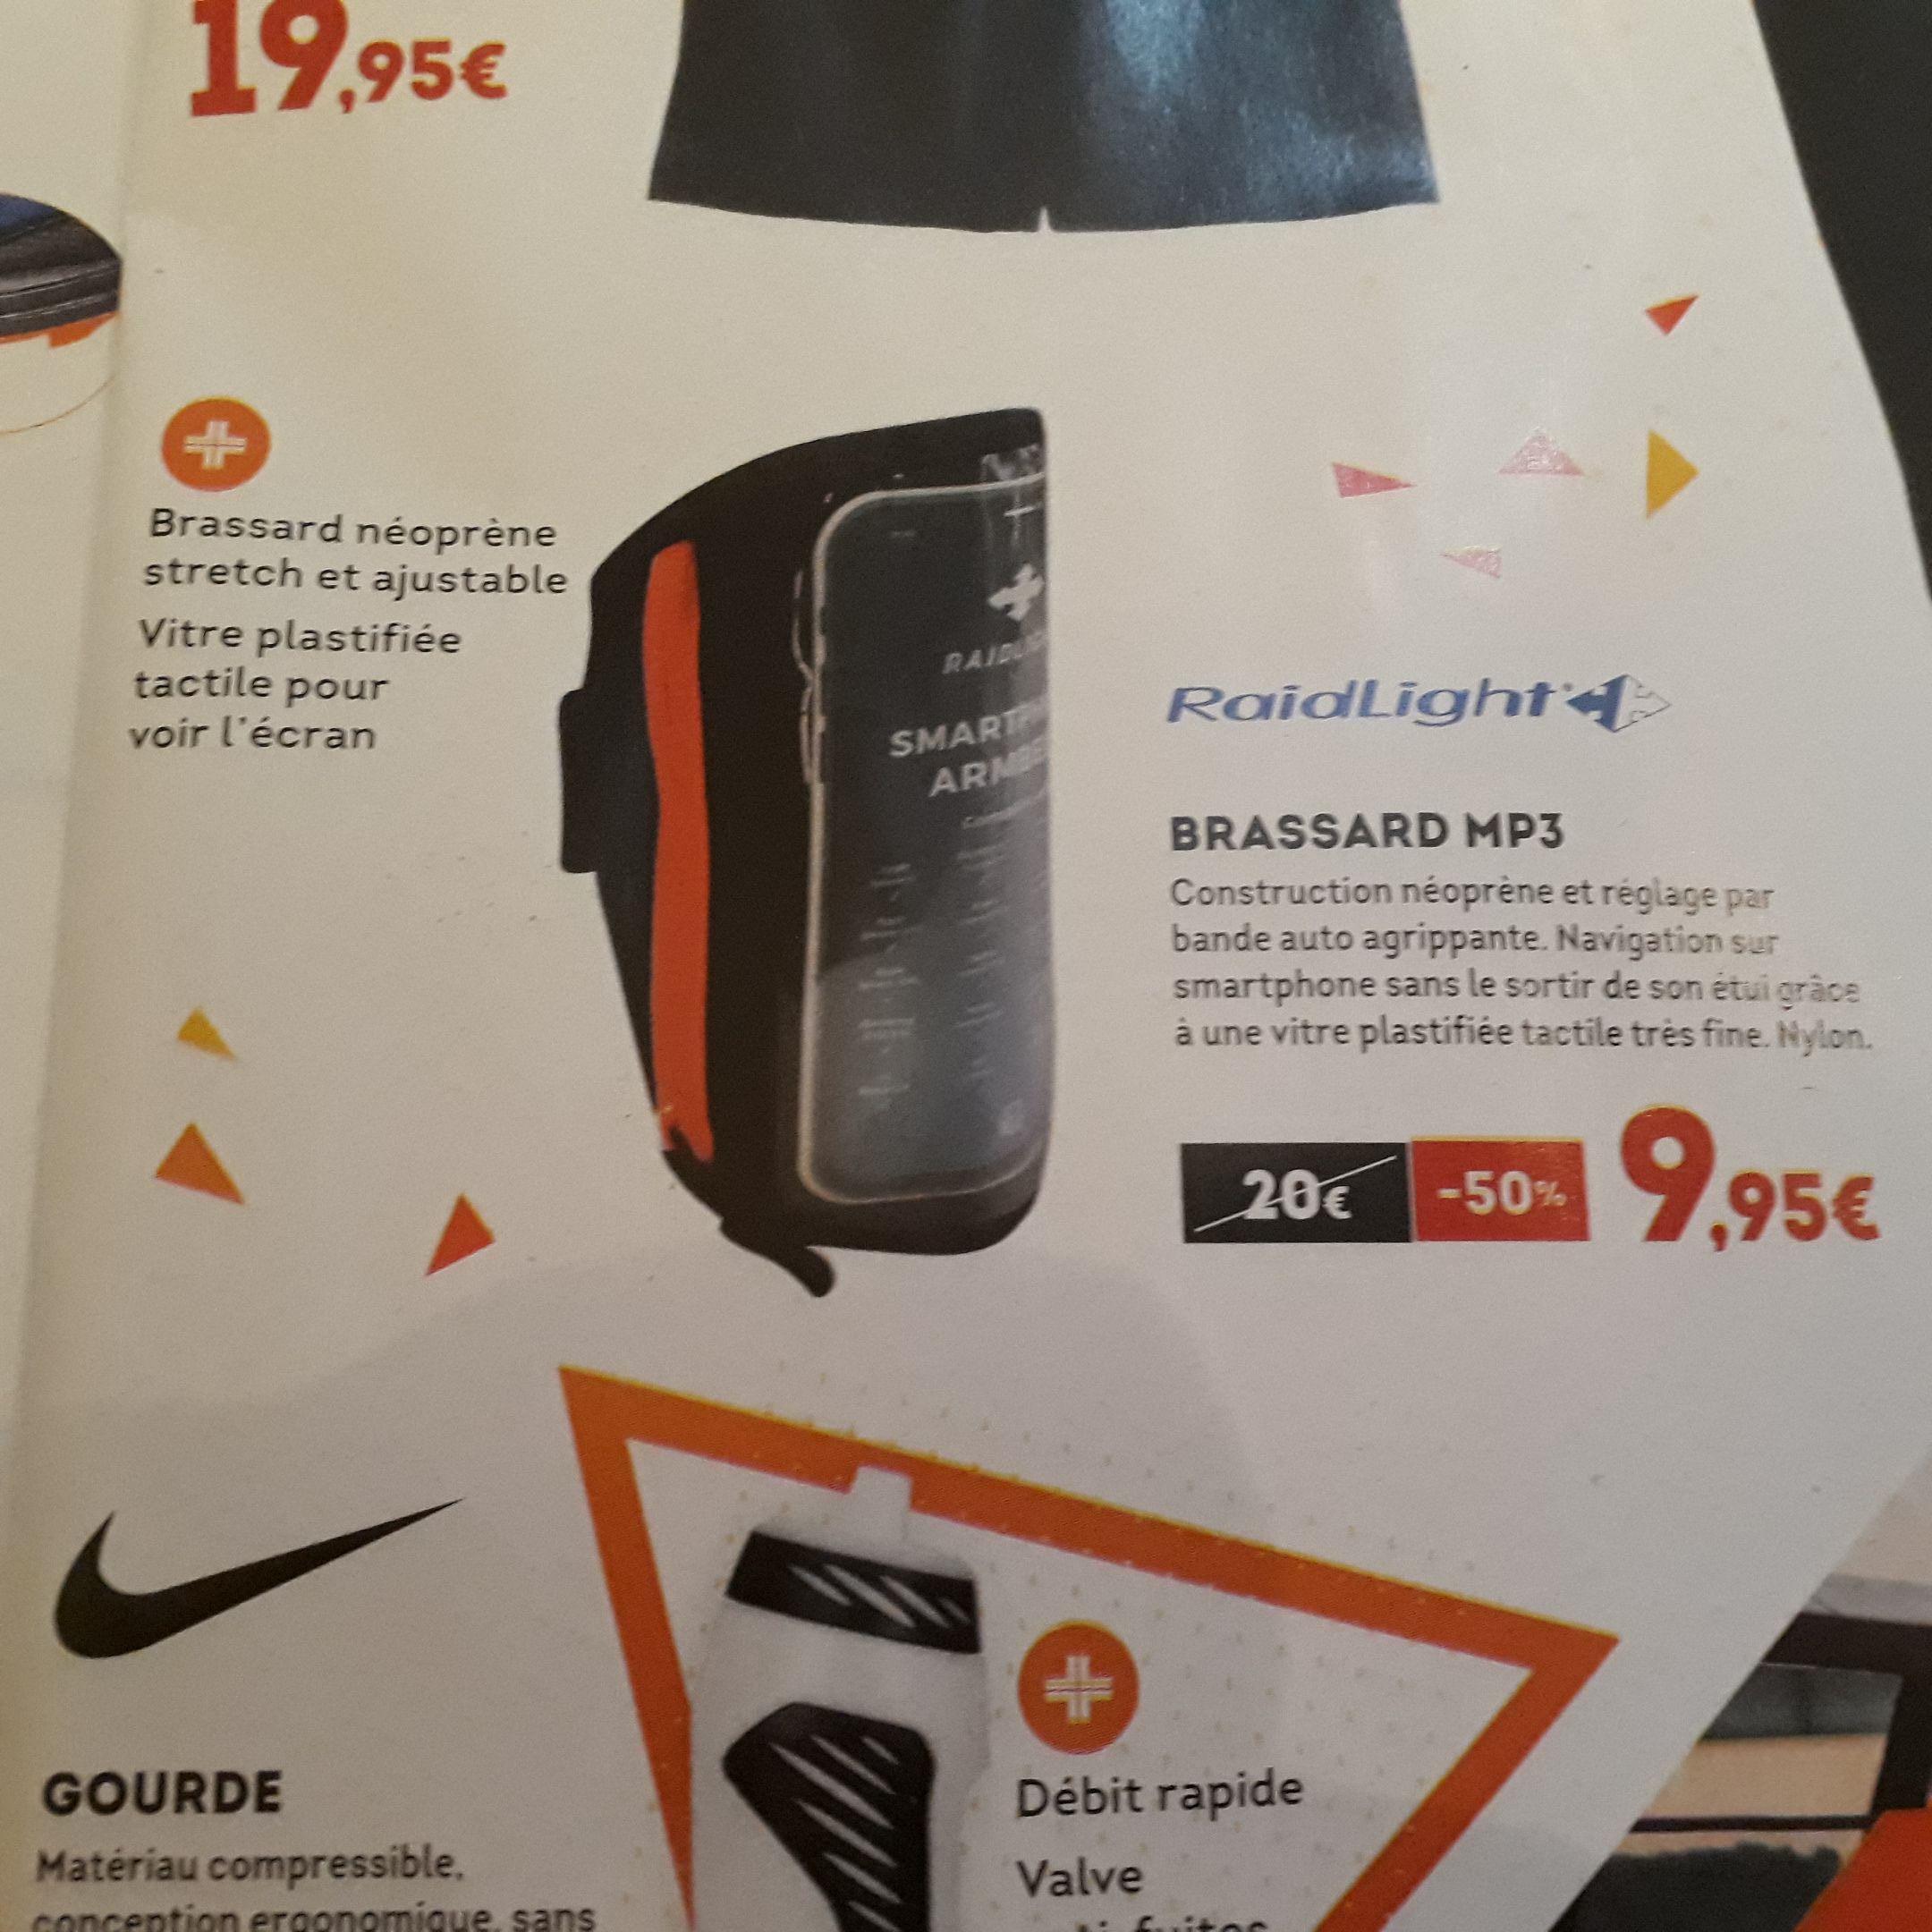 Brassard MP3 RaidLight pour Smartphone